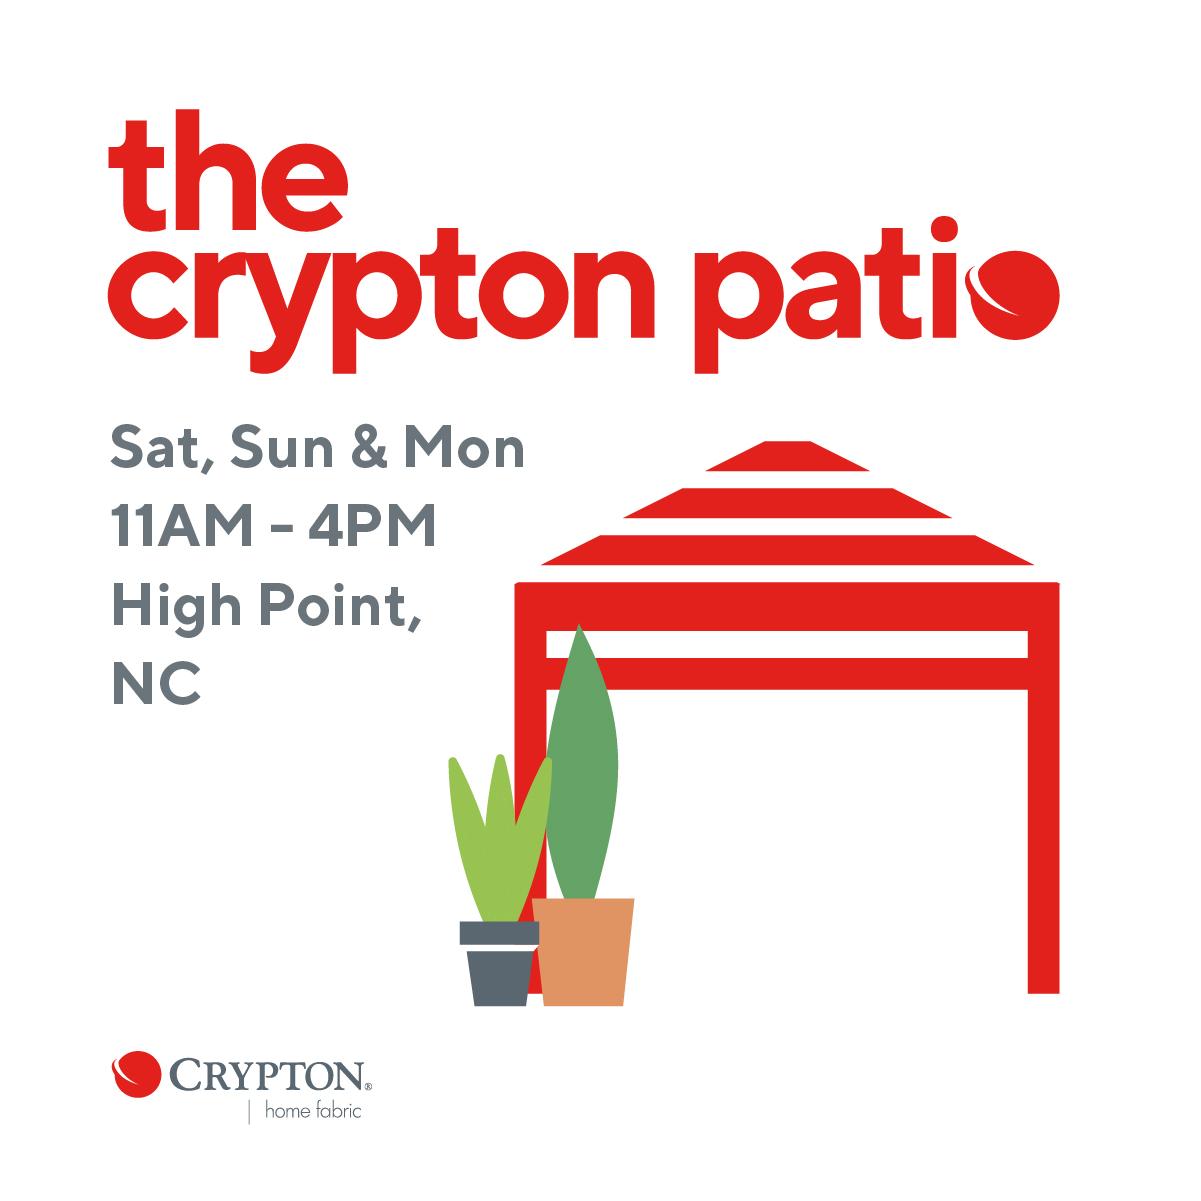 Crypton_Patio_InstaSquare.jpg